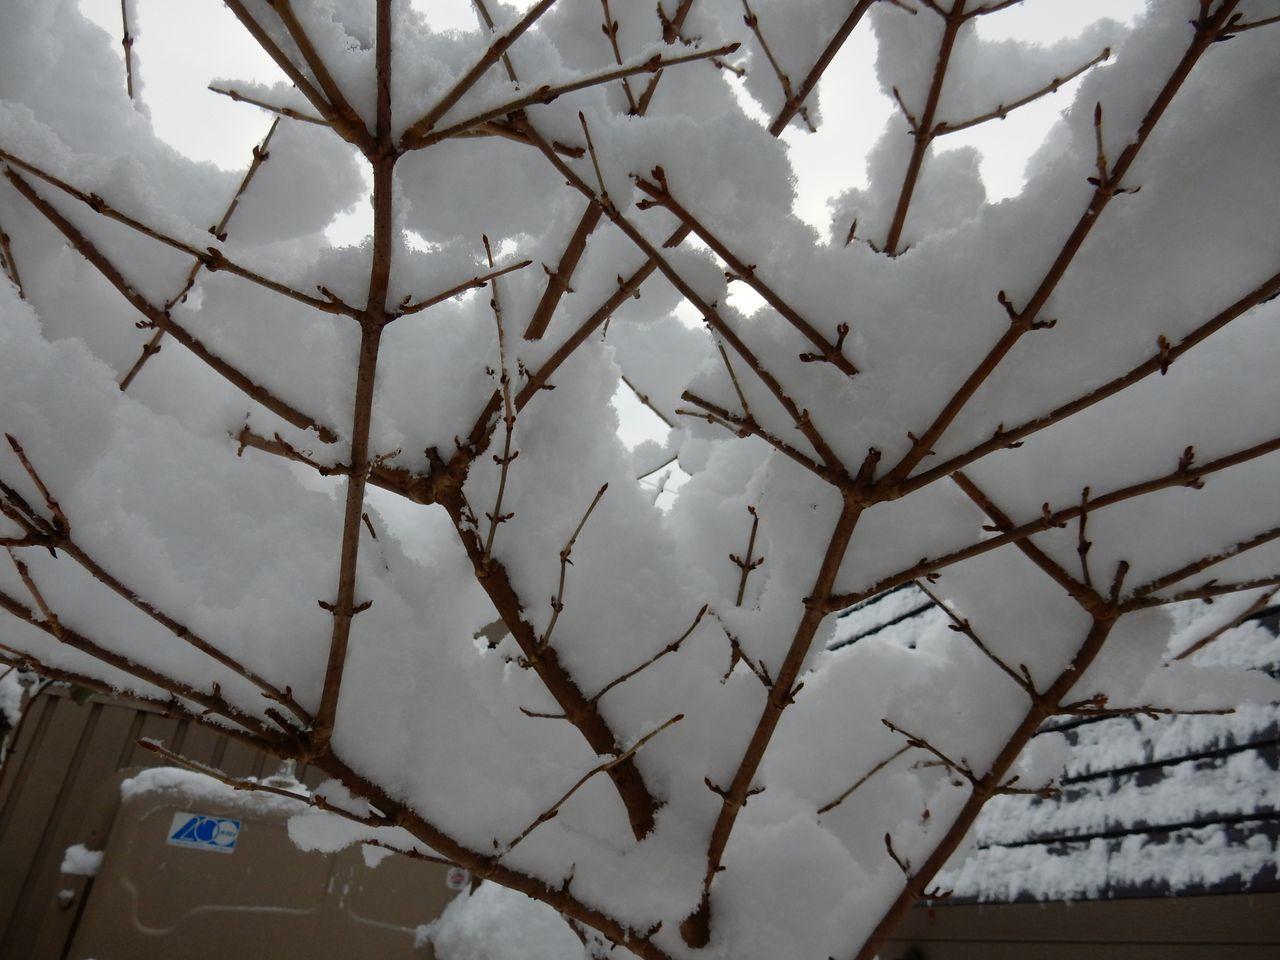 降雪ほどには積もらない_c0025115_16504148.jpg